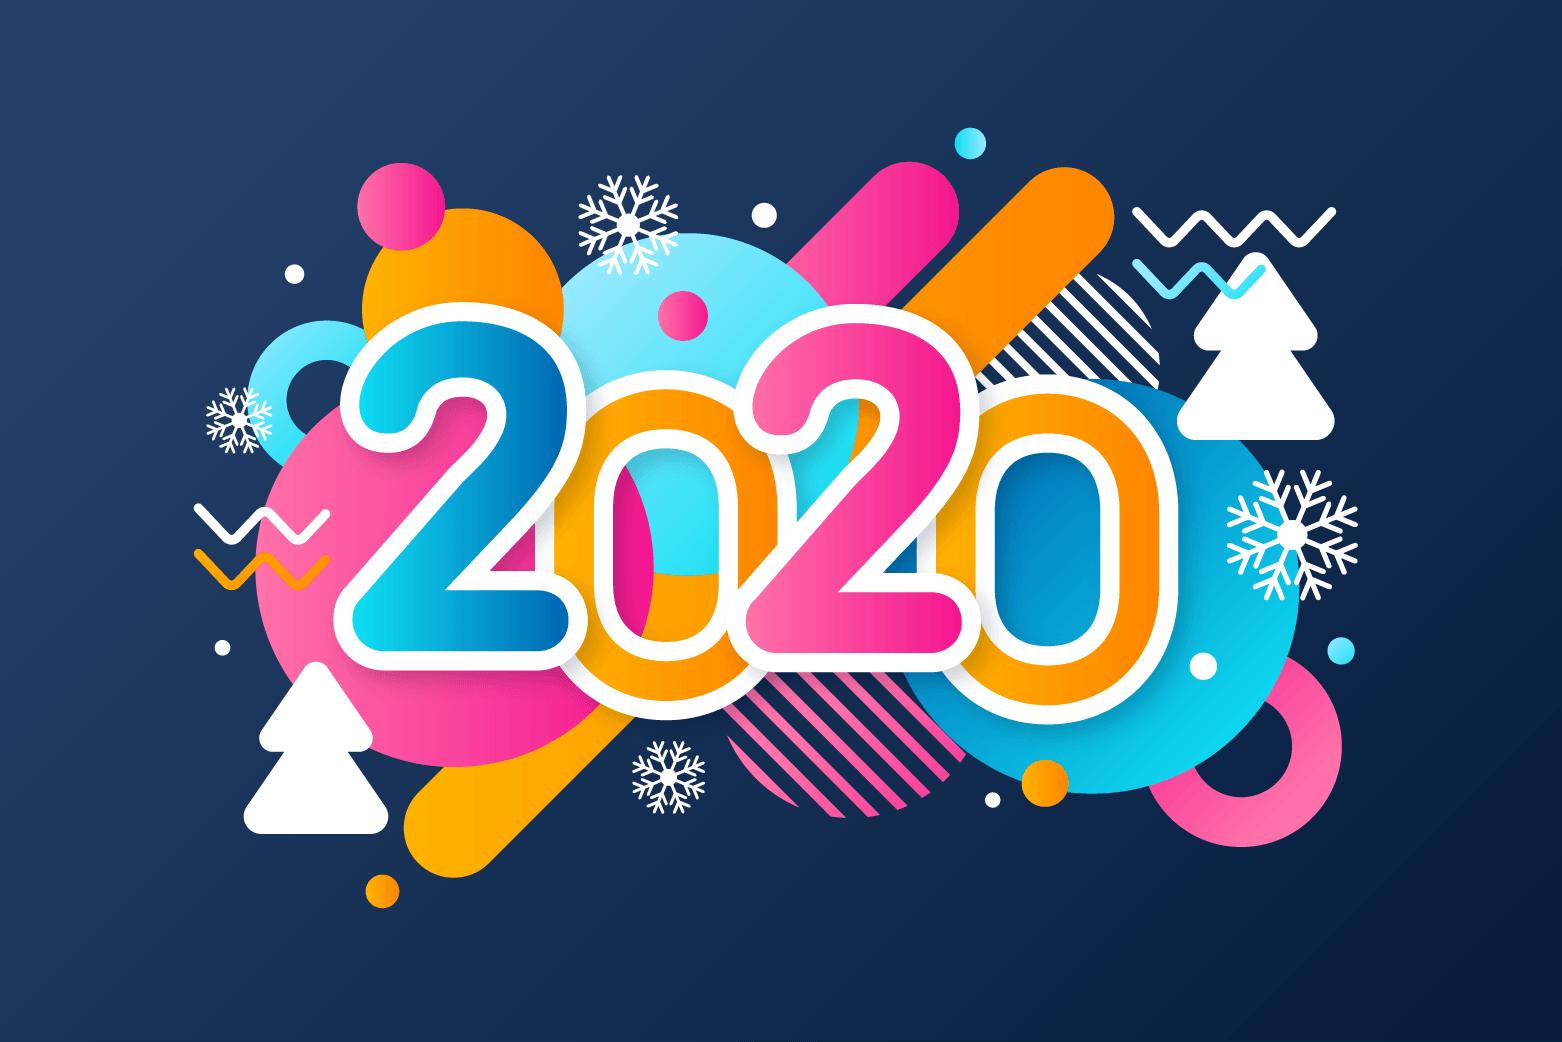 Vœux 2020 Aux Mignovillageois